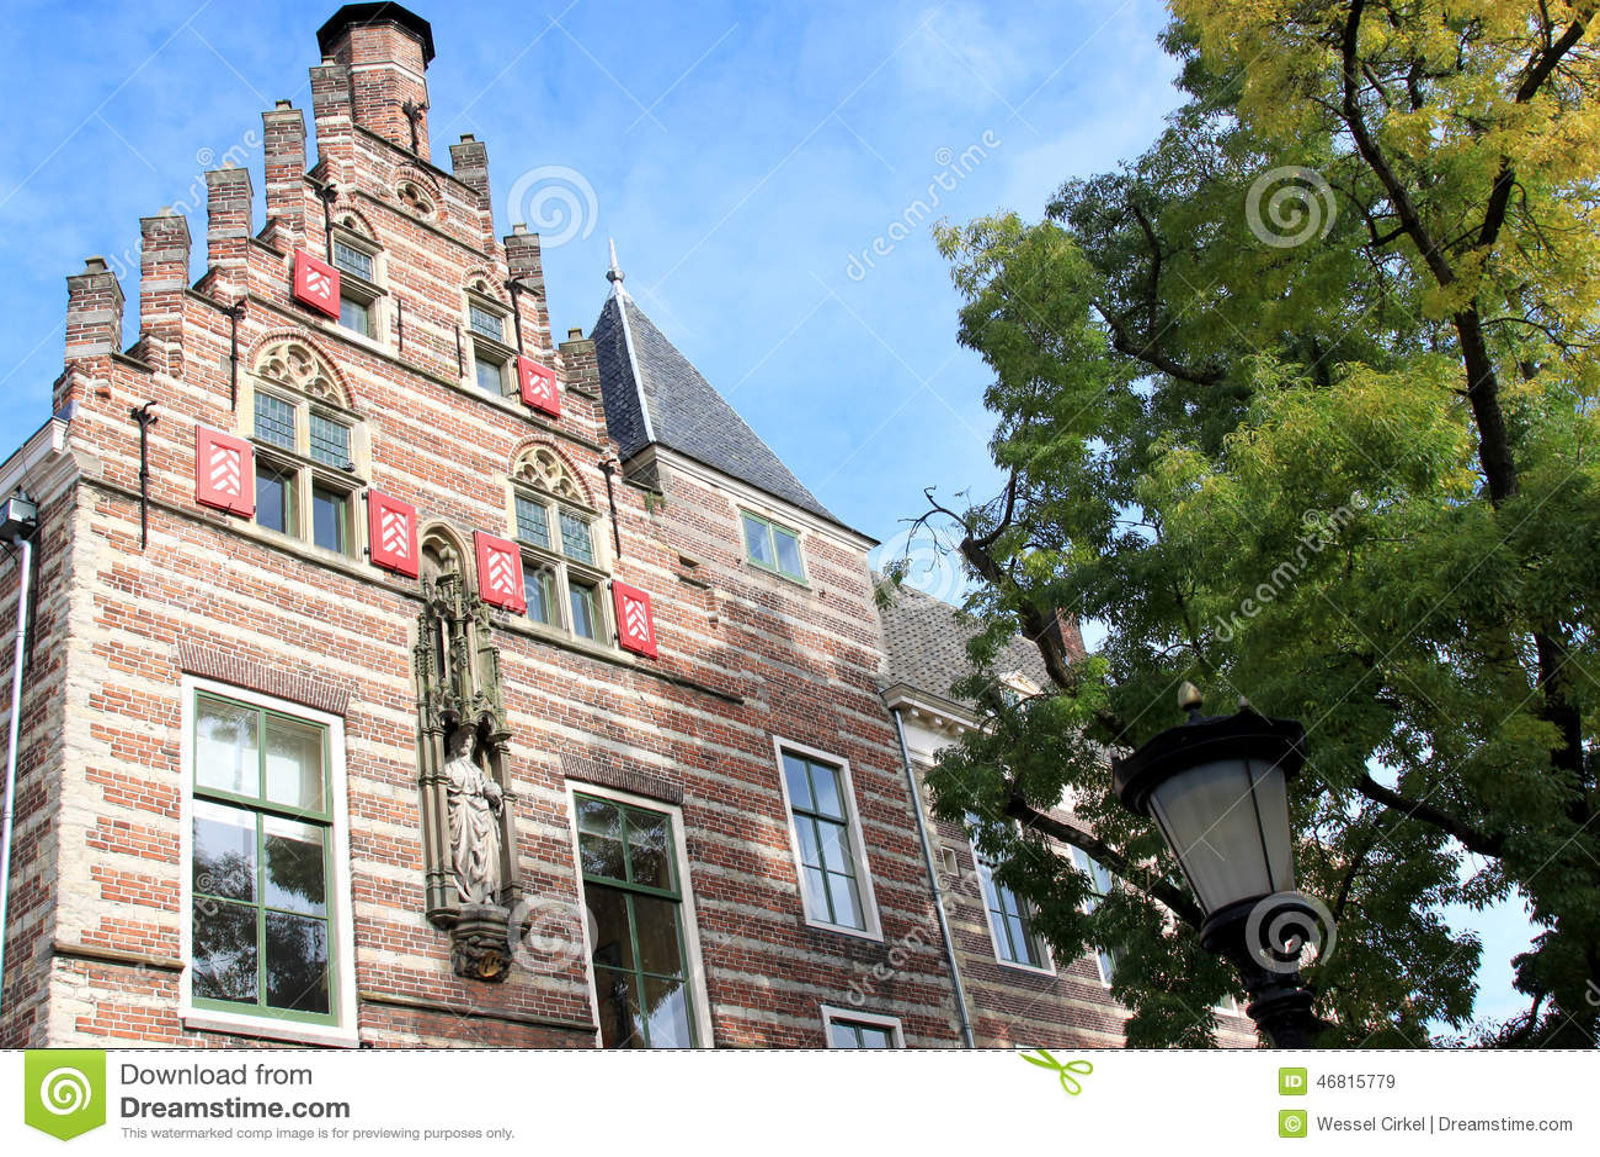 Pauselijk huis in utrecht nederland stock afbeelding for Huis utrecht